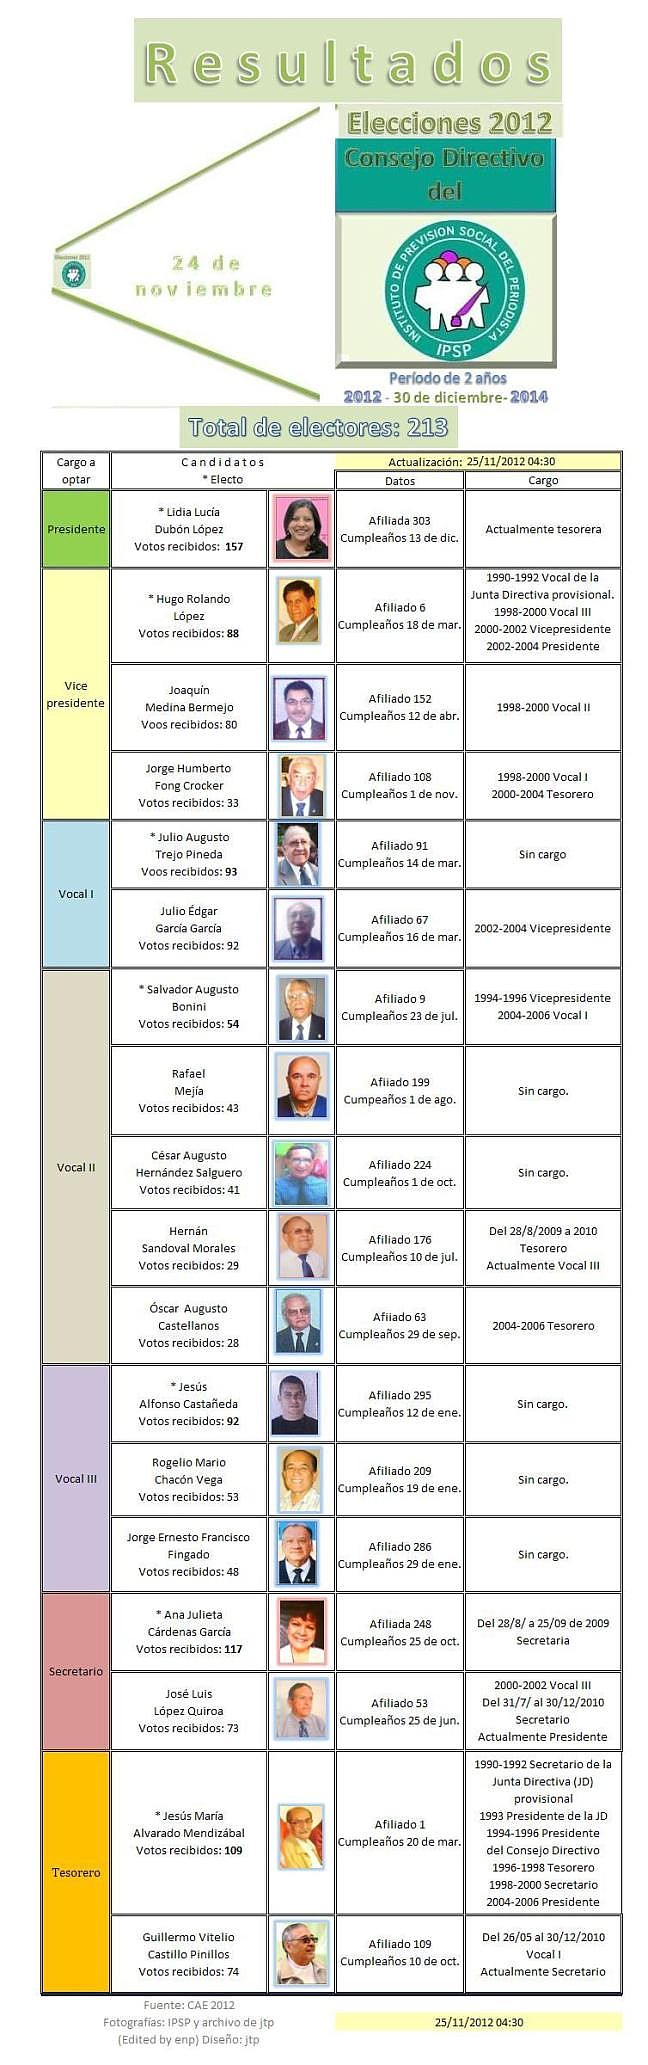 IPSP Consejo Directivo resultados elecciones - 24112012 .